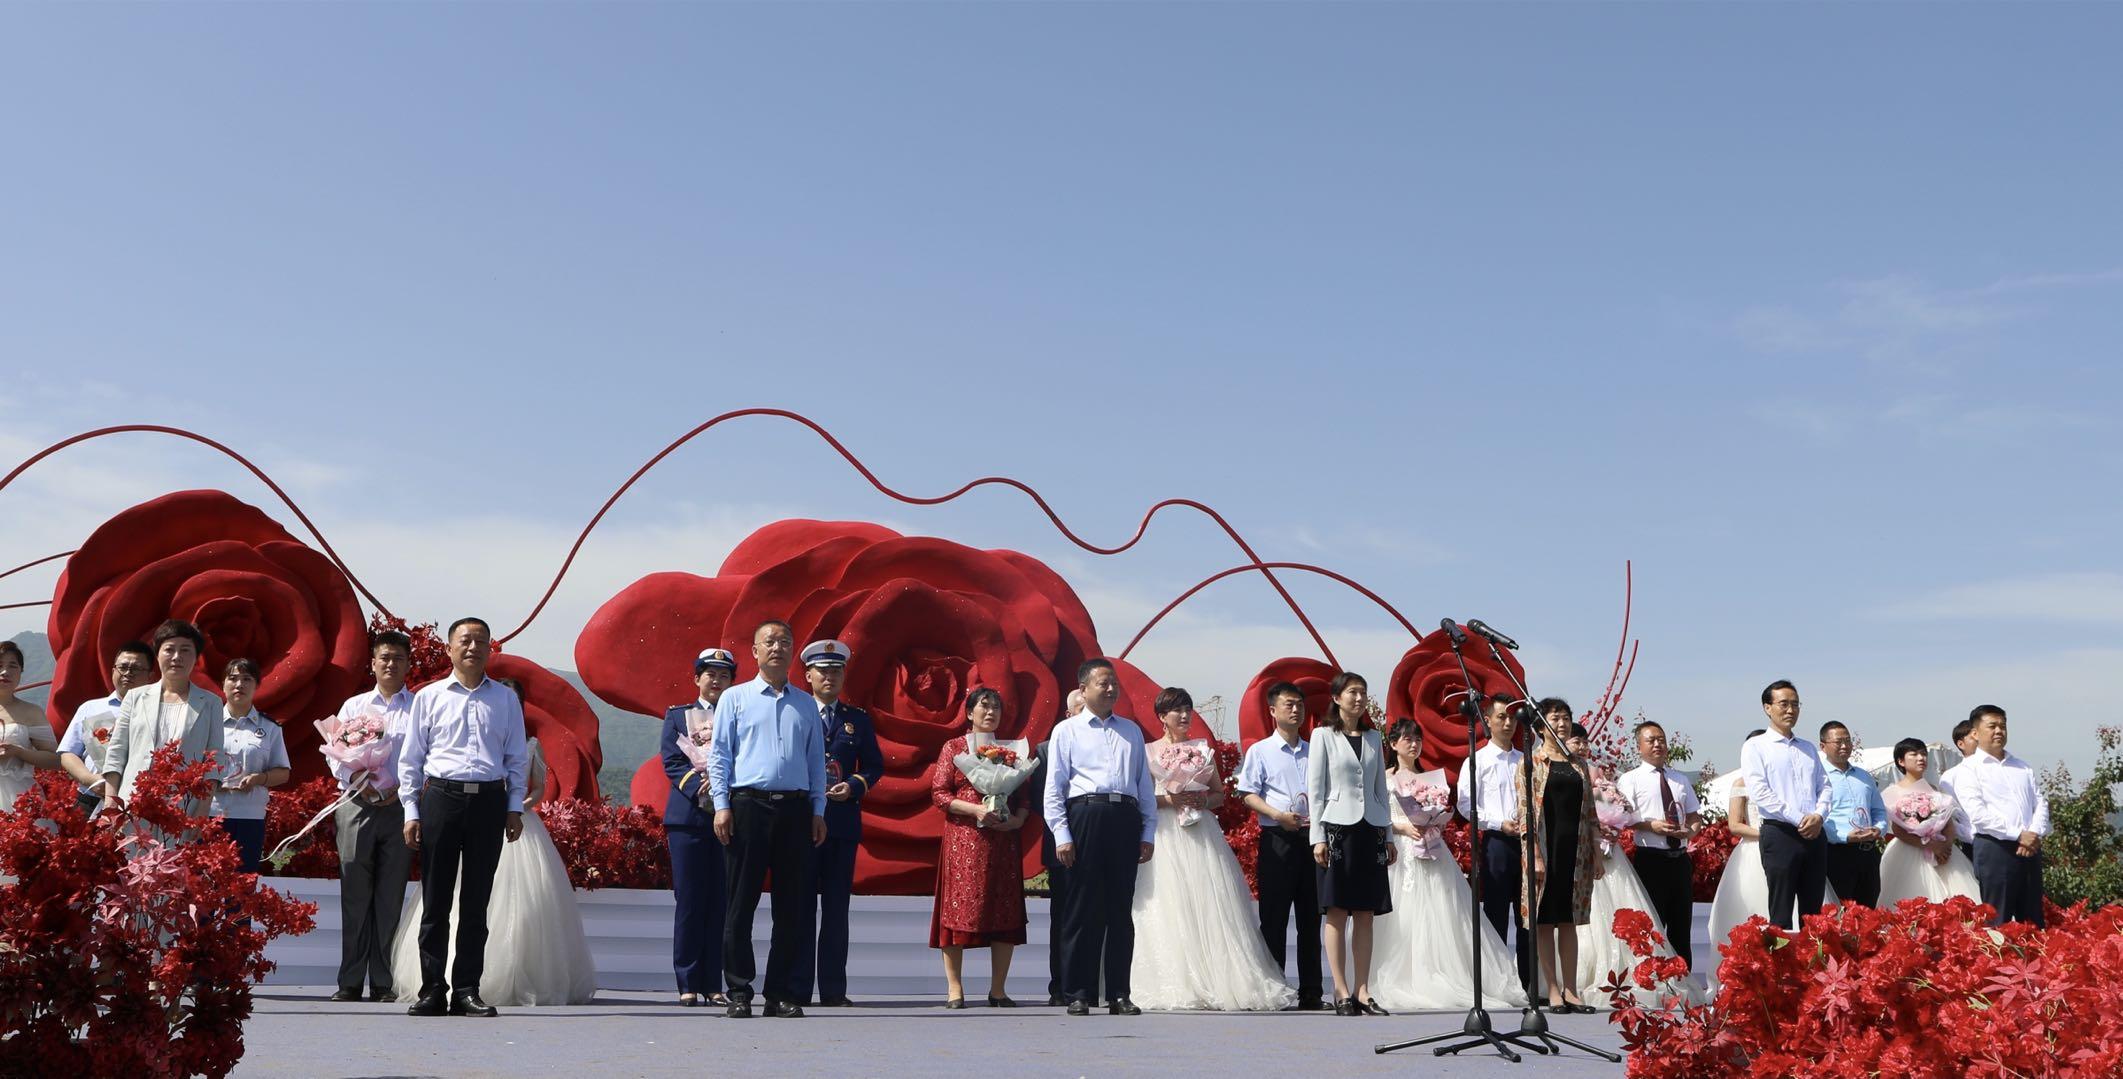 首届秦岭玫瑰文化旅游节开幕:积极探索农旅融合新模式